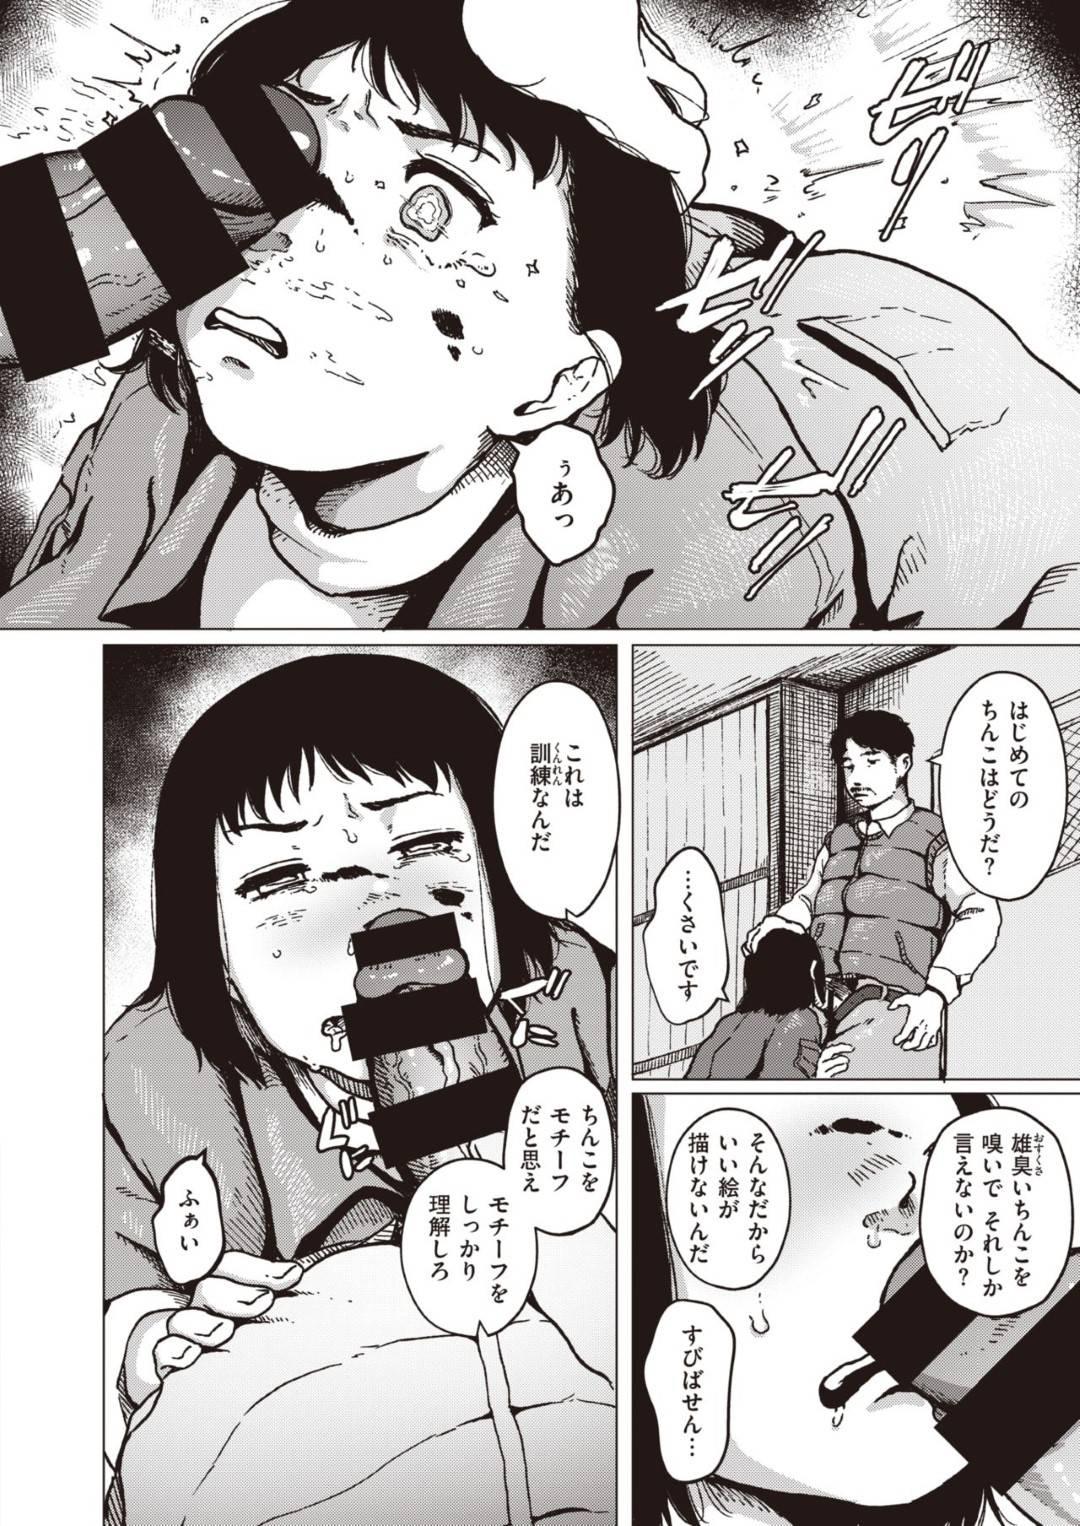 【エロ漫画】美大に受かるため予備校の先生からセックスについて教わることになった3浪女子は、臭すぎるちんぽをフェラして手マンされてイッてしまう!